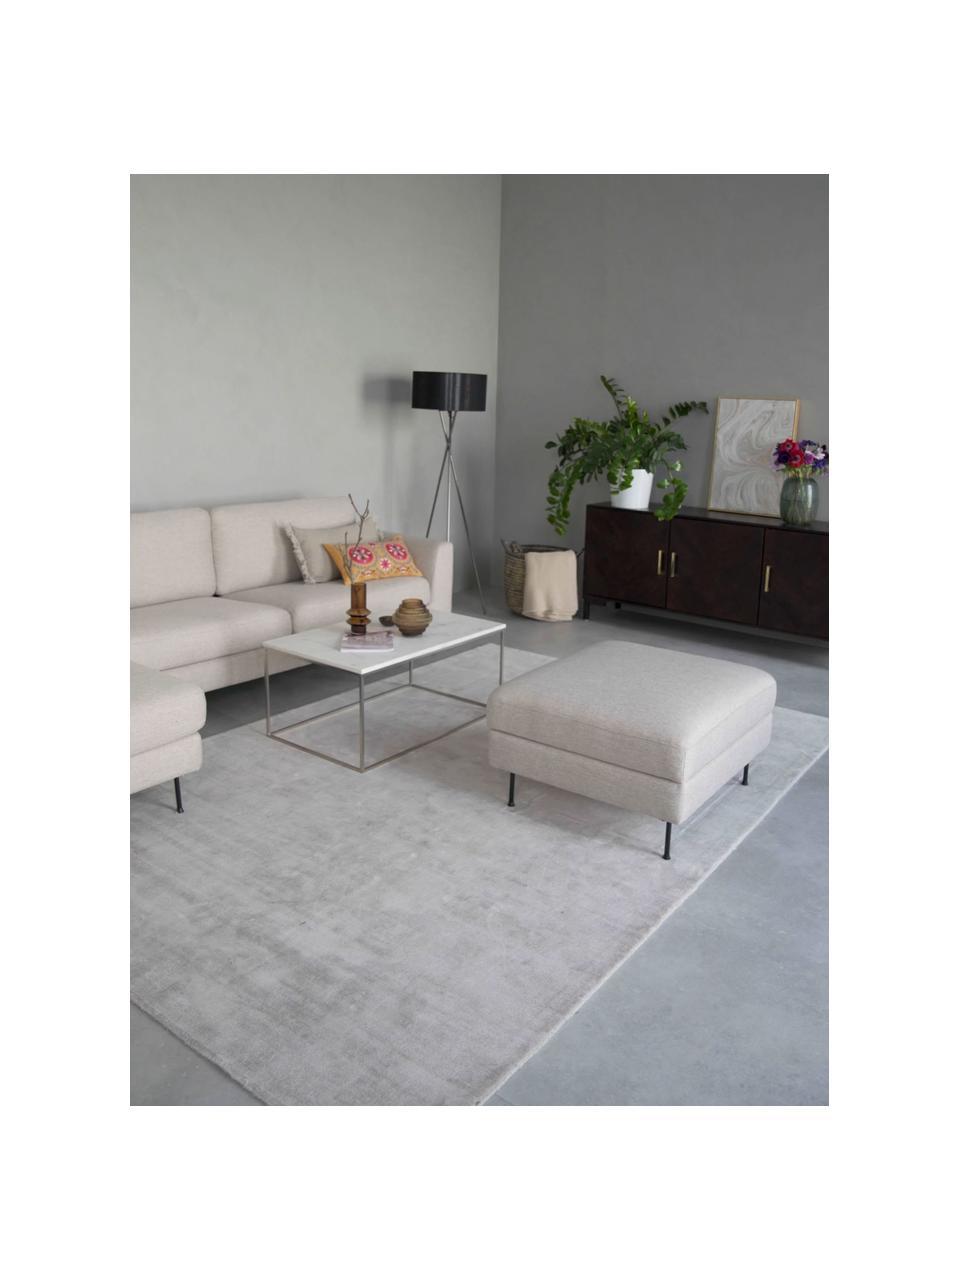 Sofa-Hocker Cucita in Beige mit Stauraum, Bezug: Webstoff (Polyester) Der , Gestell: Massives Kiefernholz, Füße: Metall, lackiert, Webstoff Beige, 75 x 46 cm